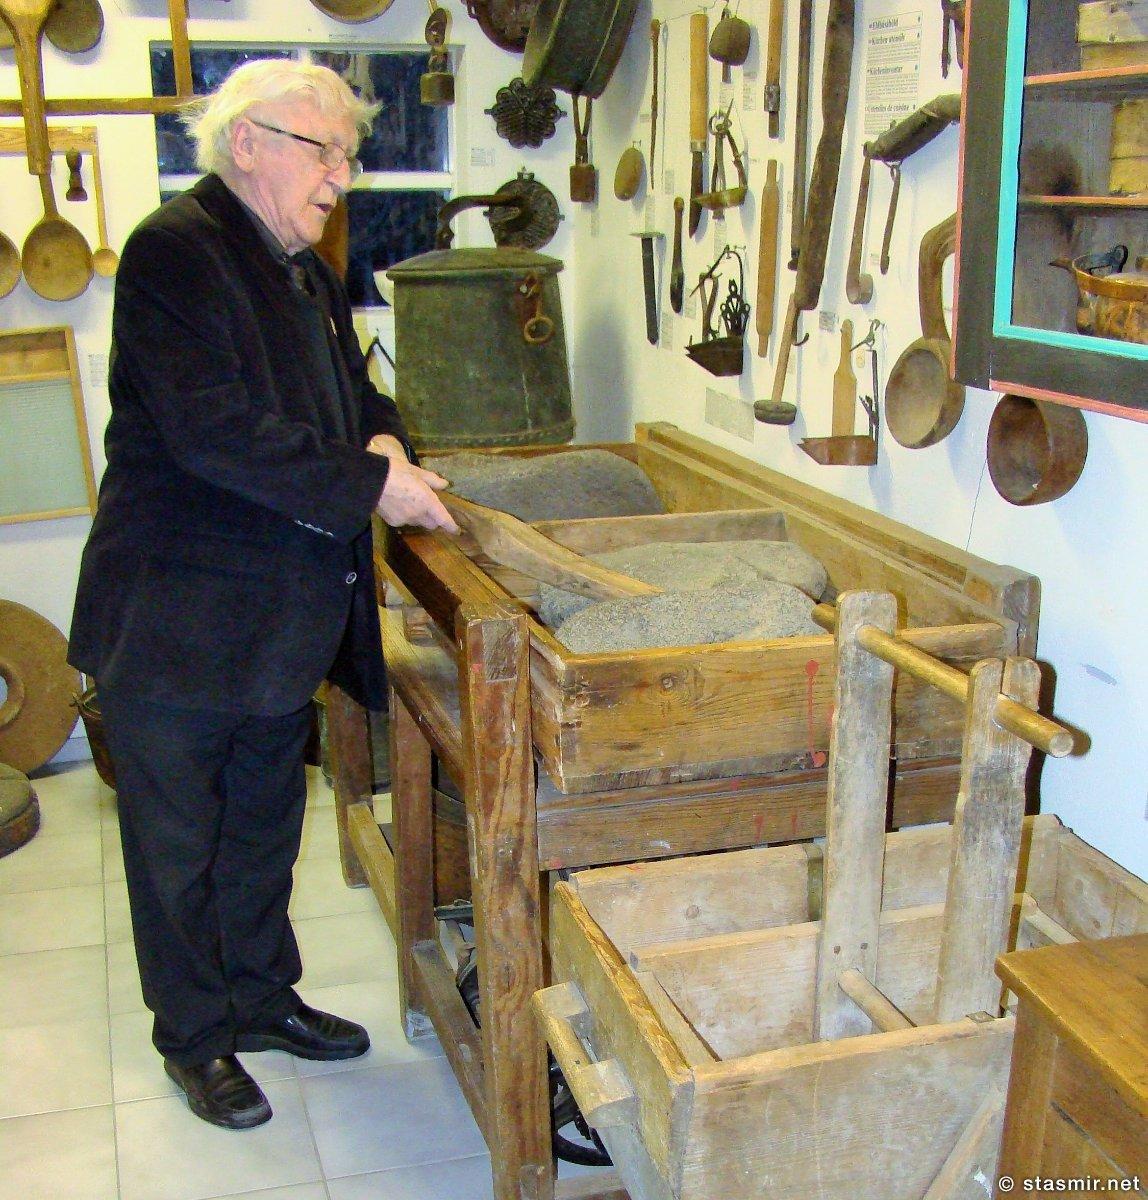 Тордур Томассон демонстрирует принципы работы исландского утюга в краеведческом музее Скоугар, skogasafn, Þórður Tómasson, фото Стасмир, photo Stasmirskogasafn